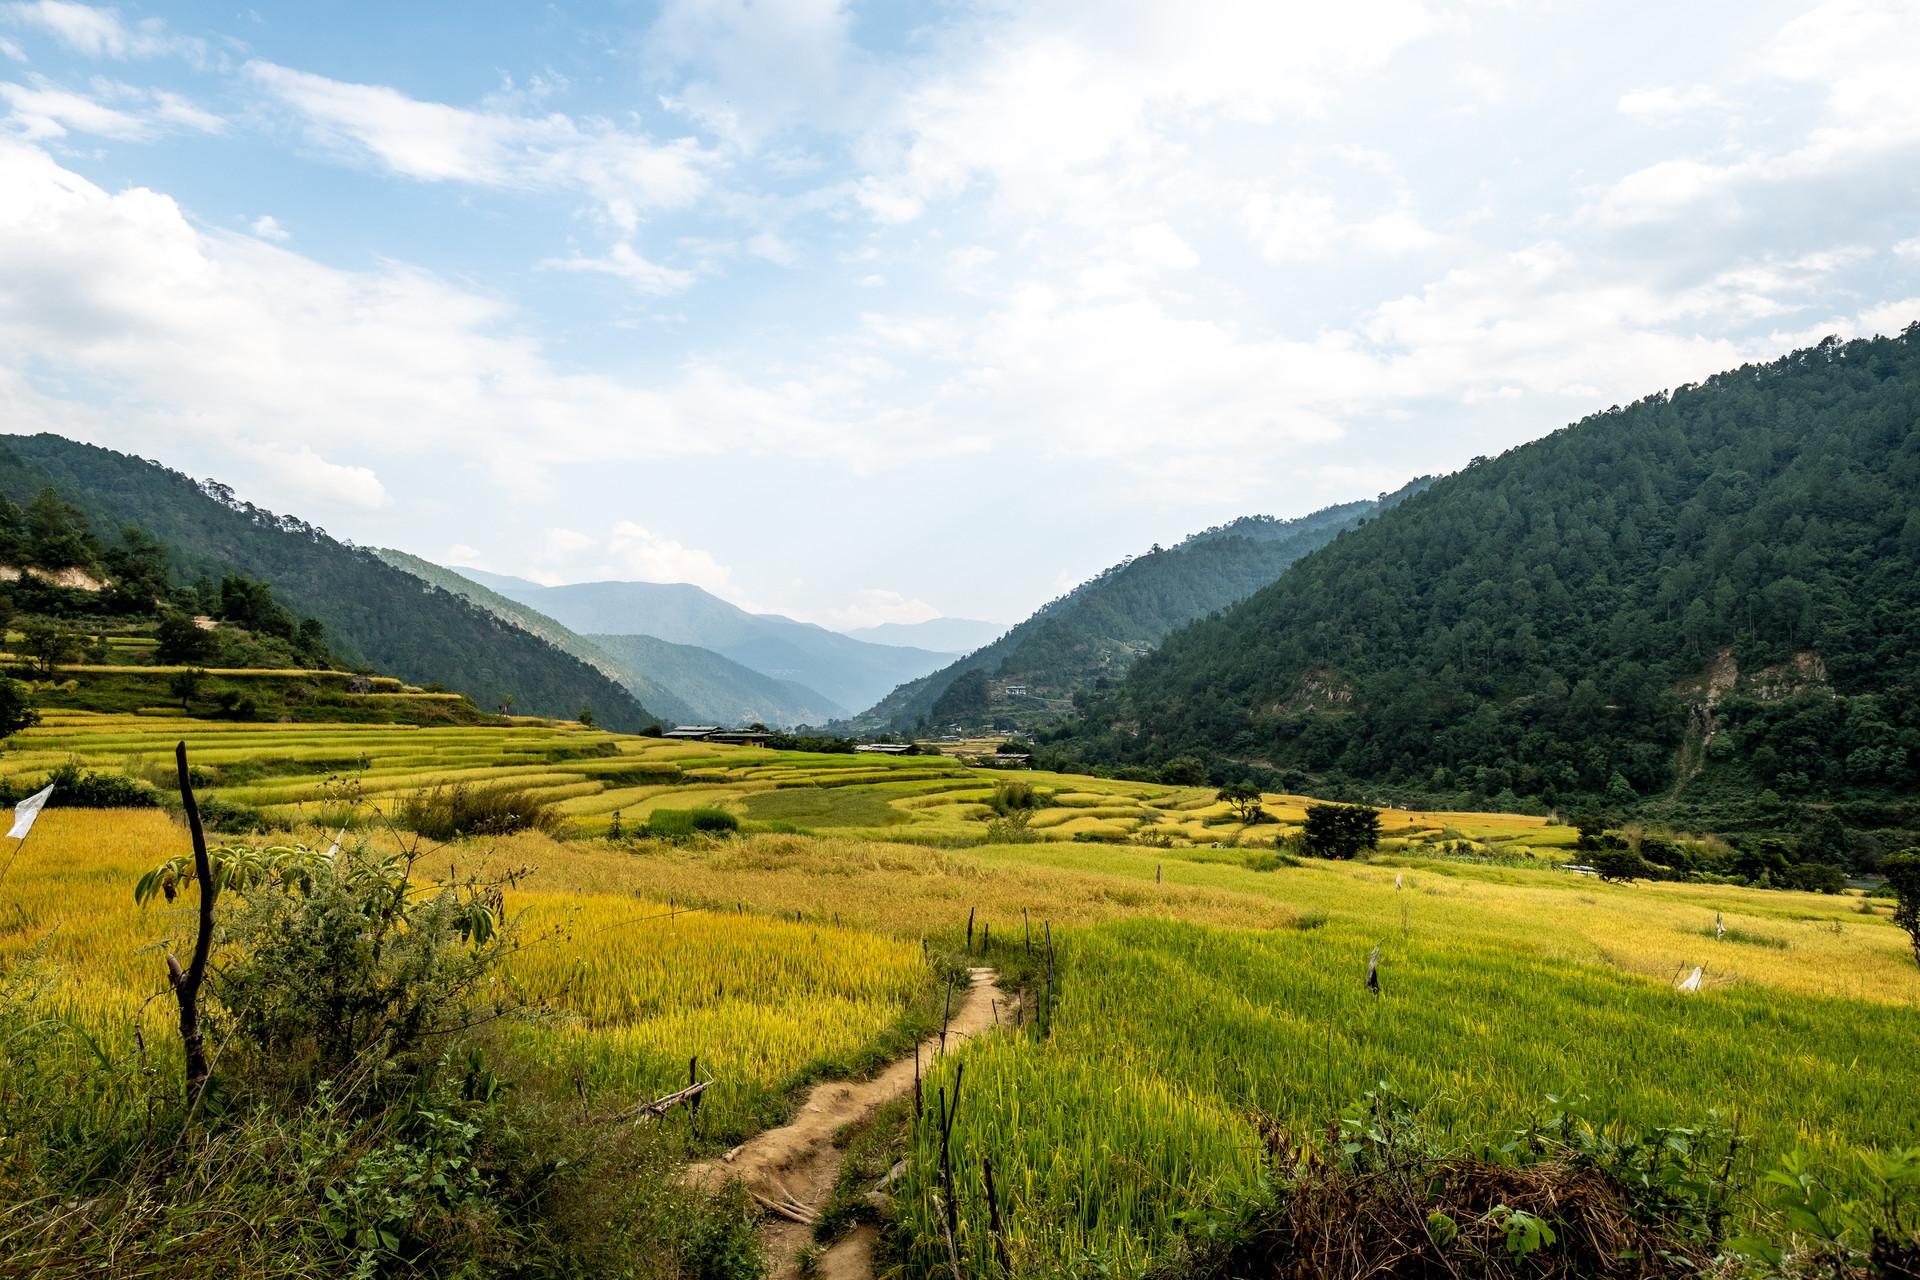 bhutan-163592.jpg